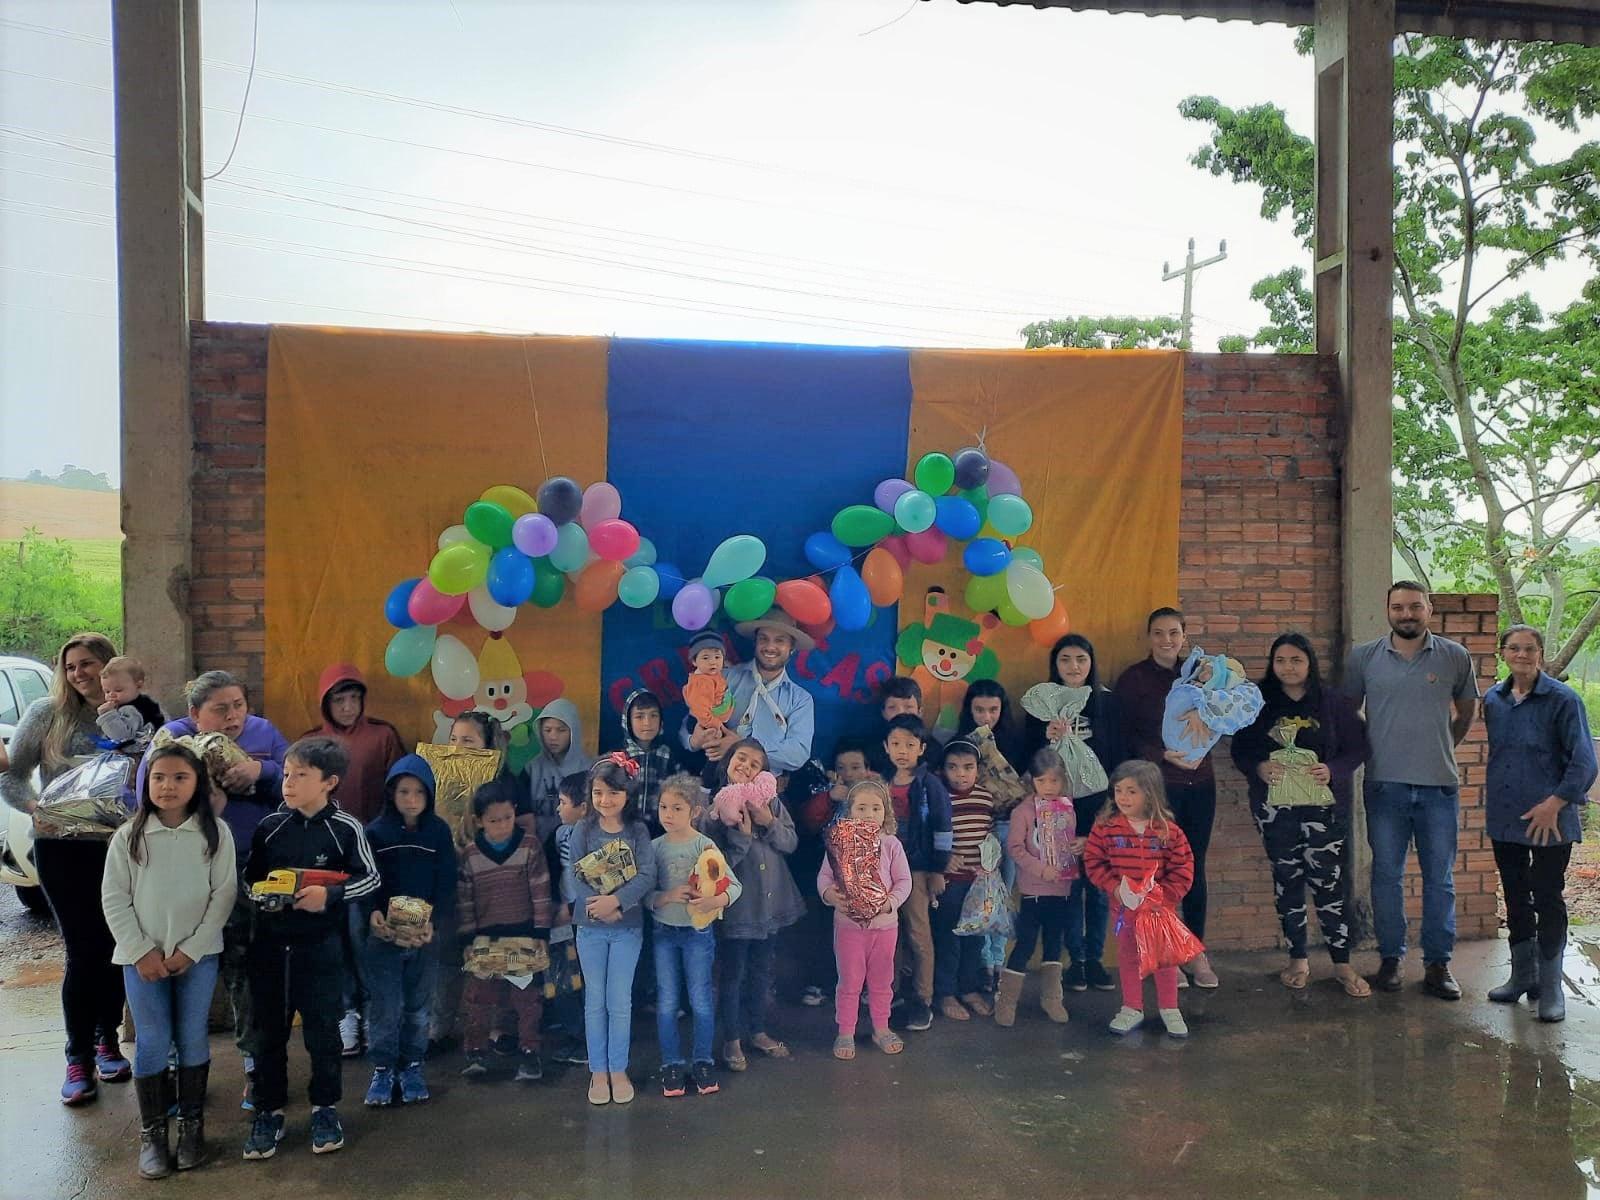 Paróquia São Sebastião realiza Campanha do Dia das Crianças e 1ª Cavalgada Solidária em Campos Borges